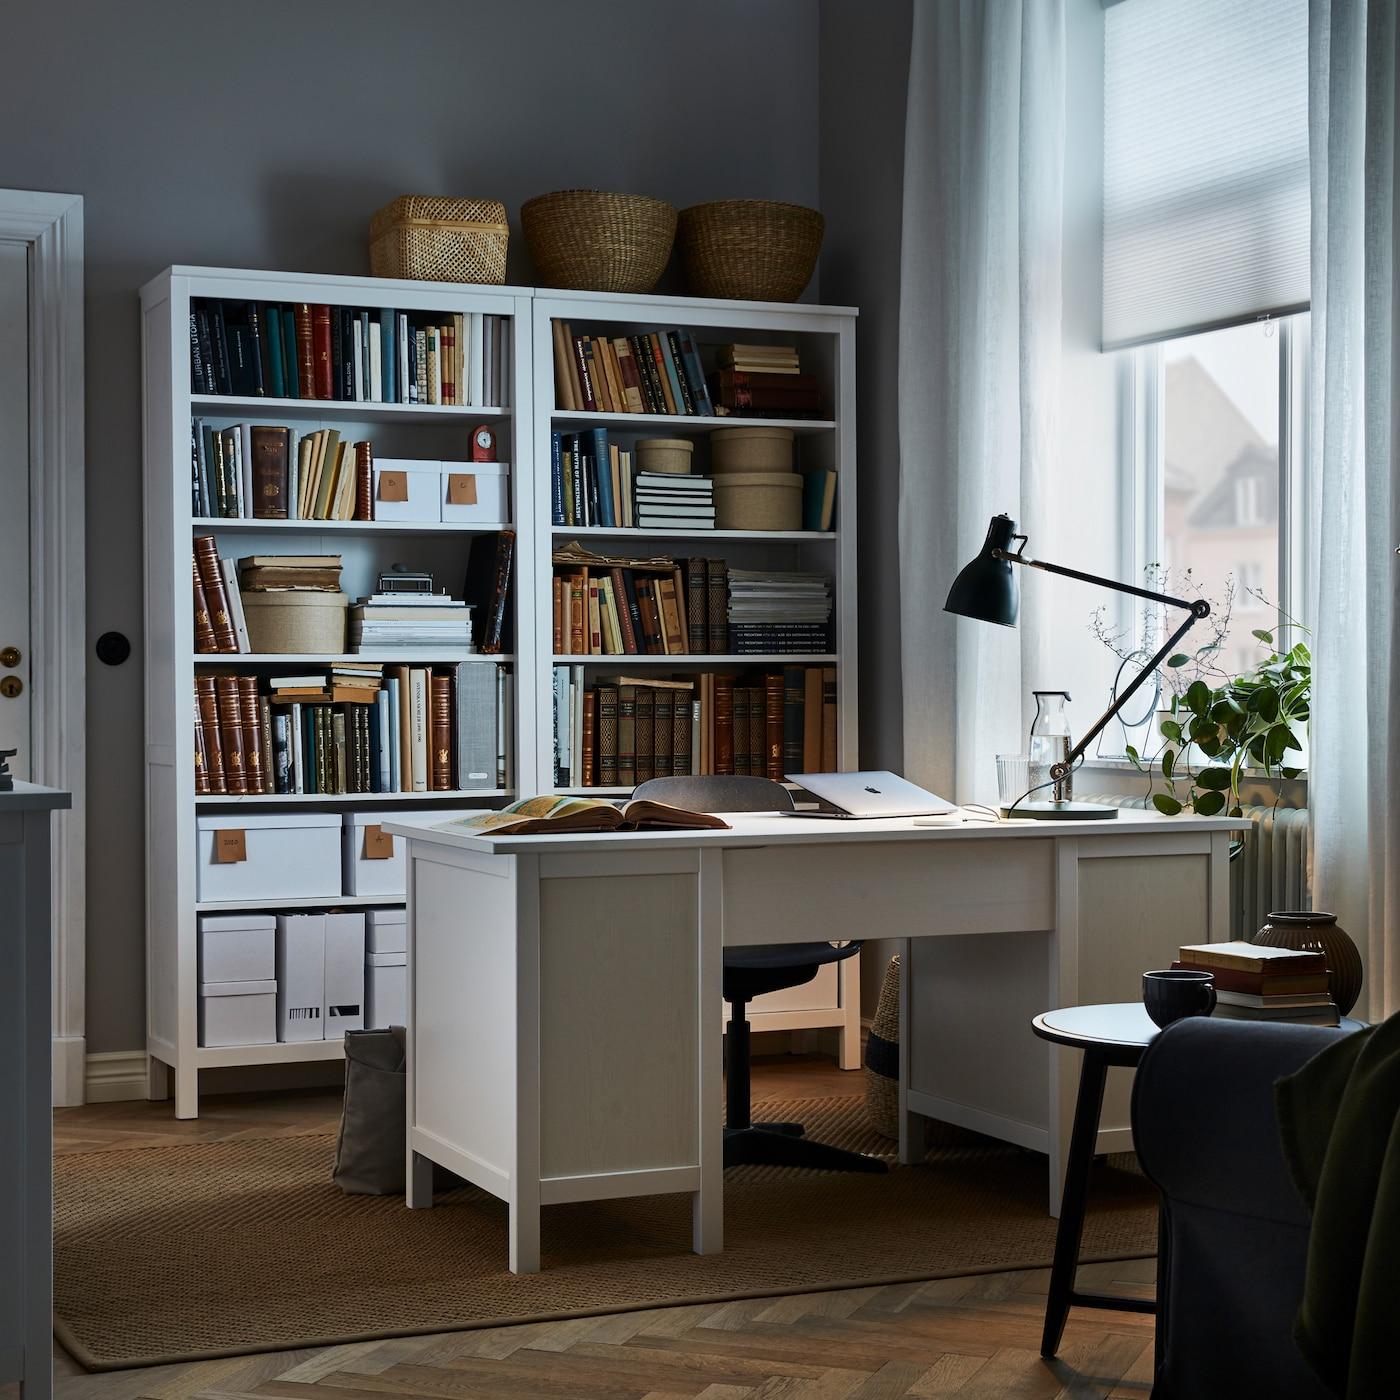 غرفة تحتوي على مكتب أبيض موضوع في الوسط، ومكتبات طويلة متوافقة معه خلف كرسي المكتب، ومصباح عمل أخضر على المكتب.